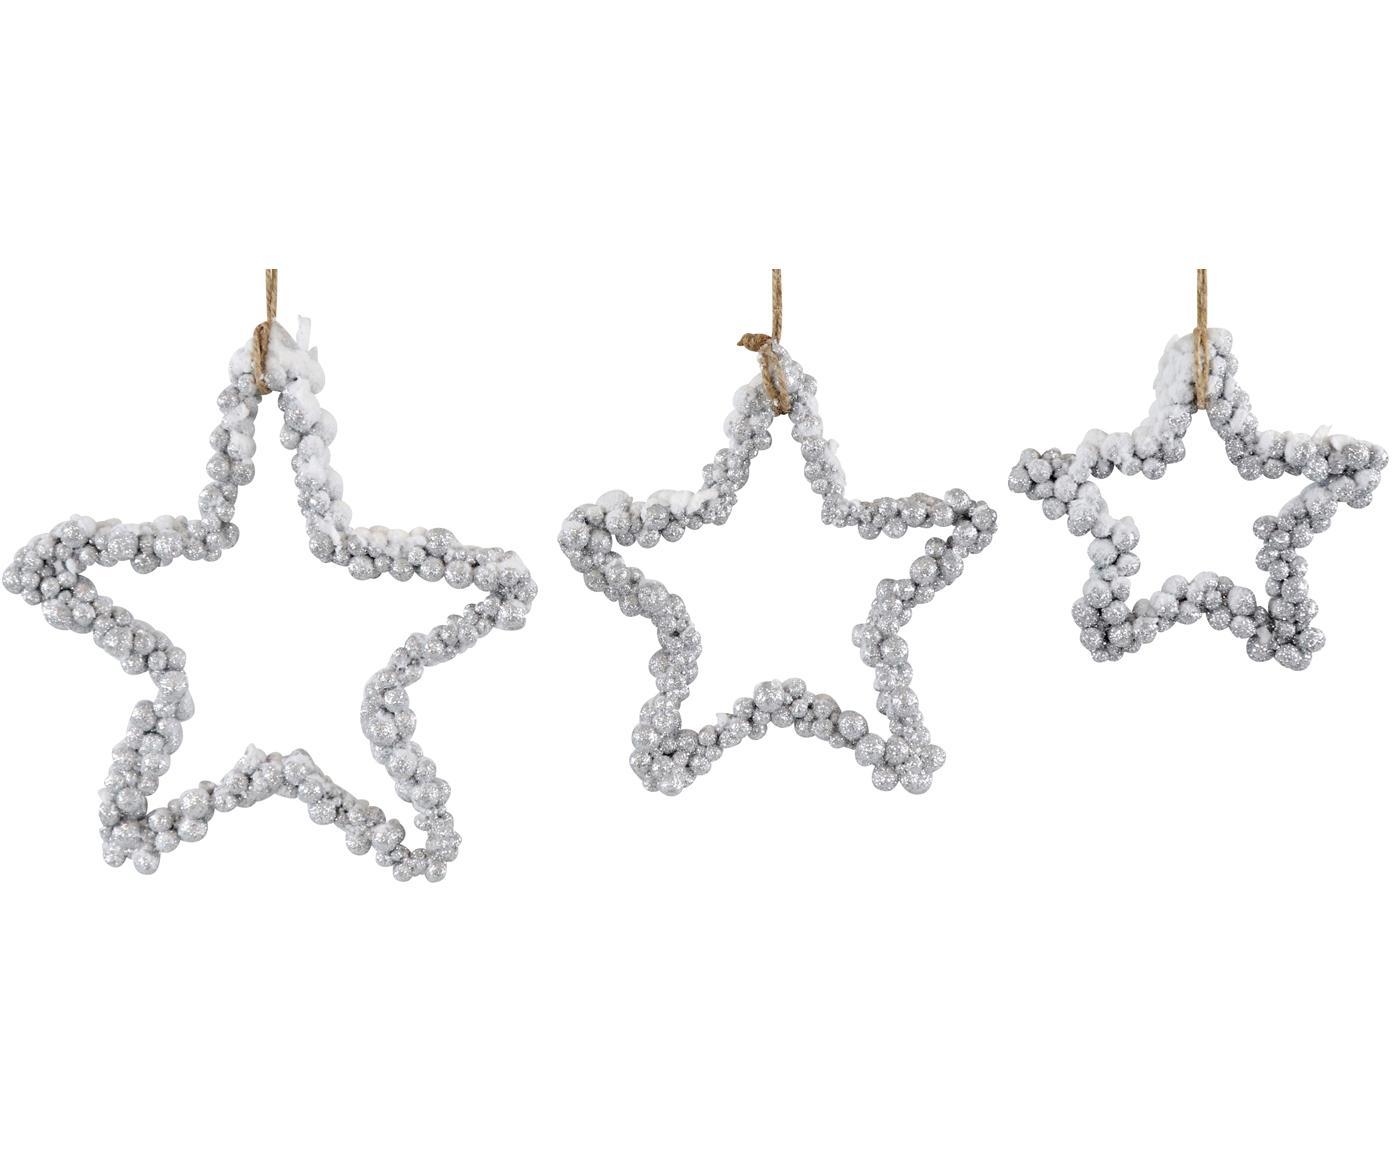 Decoratieve hangersset Snowy, 3-delig, Polystyreen, kunststof, metaal, hout, Zilverkleurig, Verschillende formaten